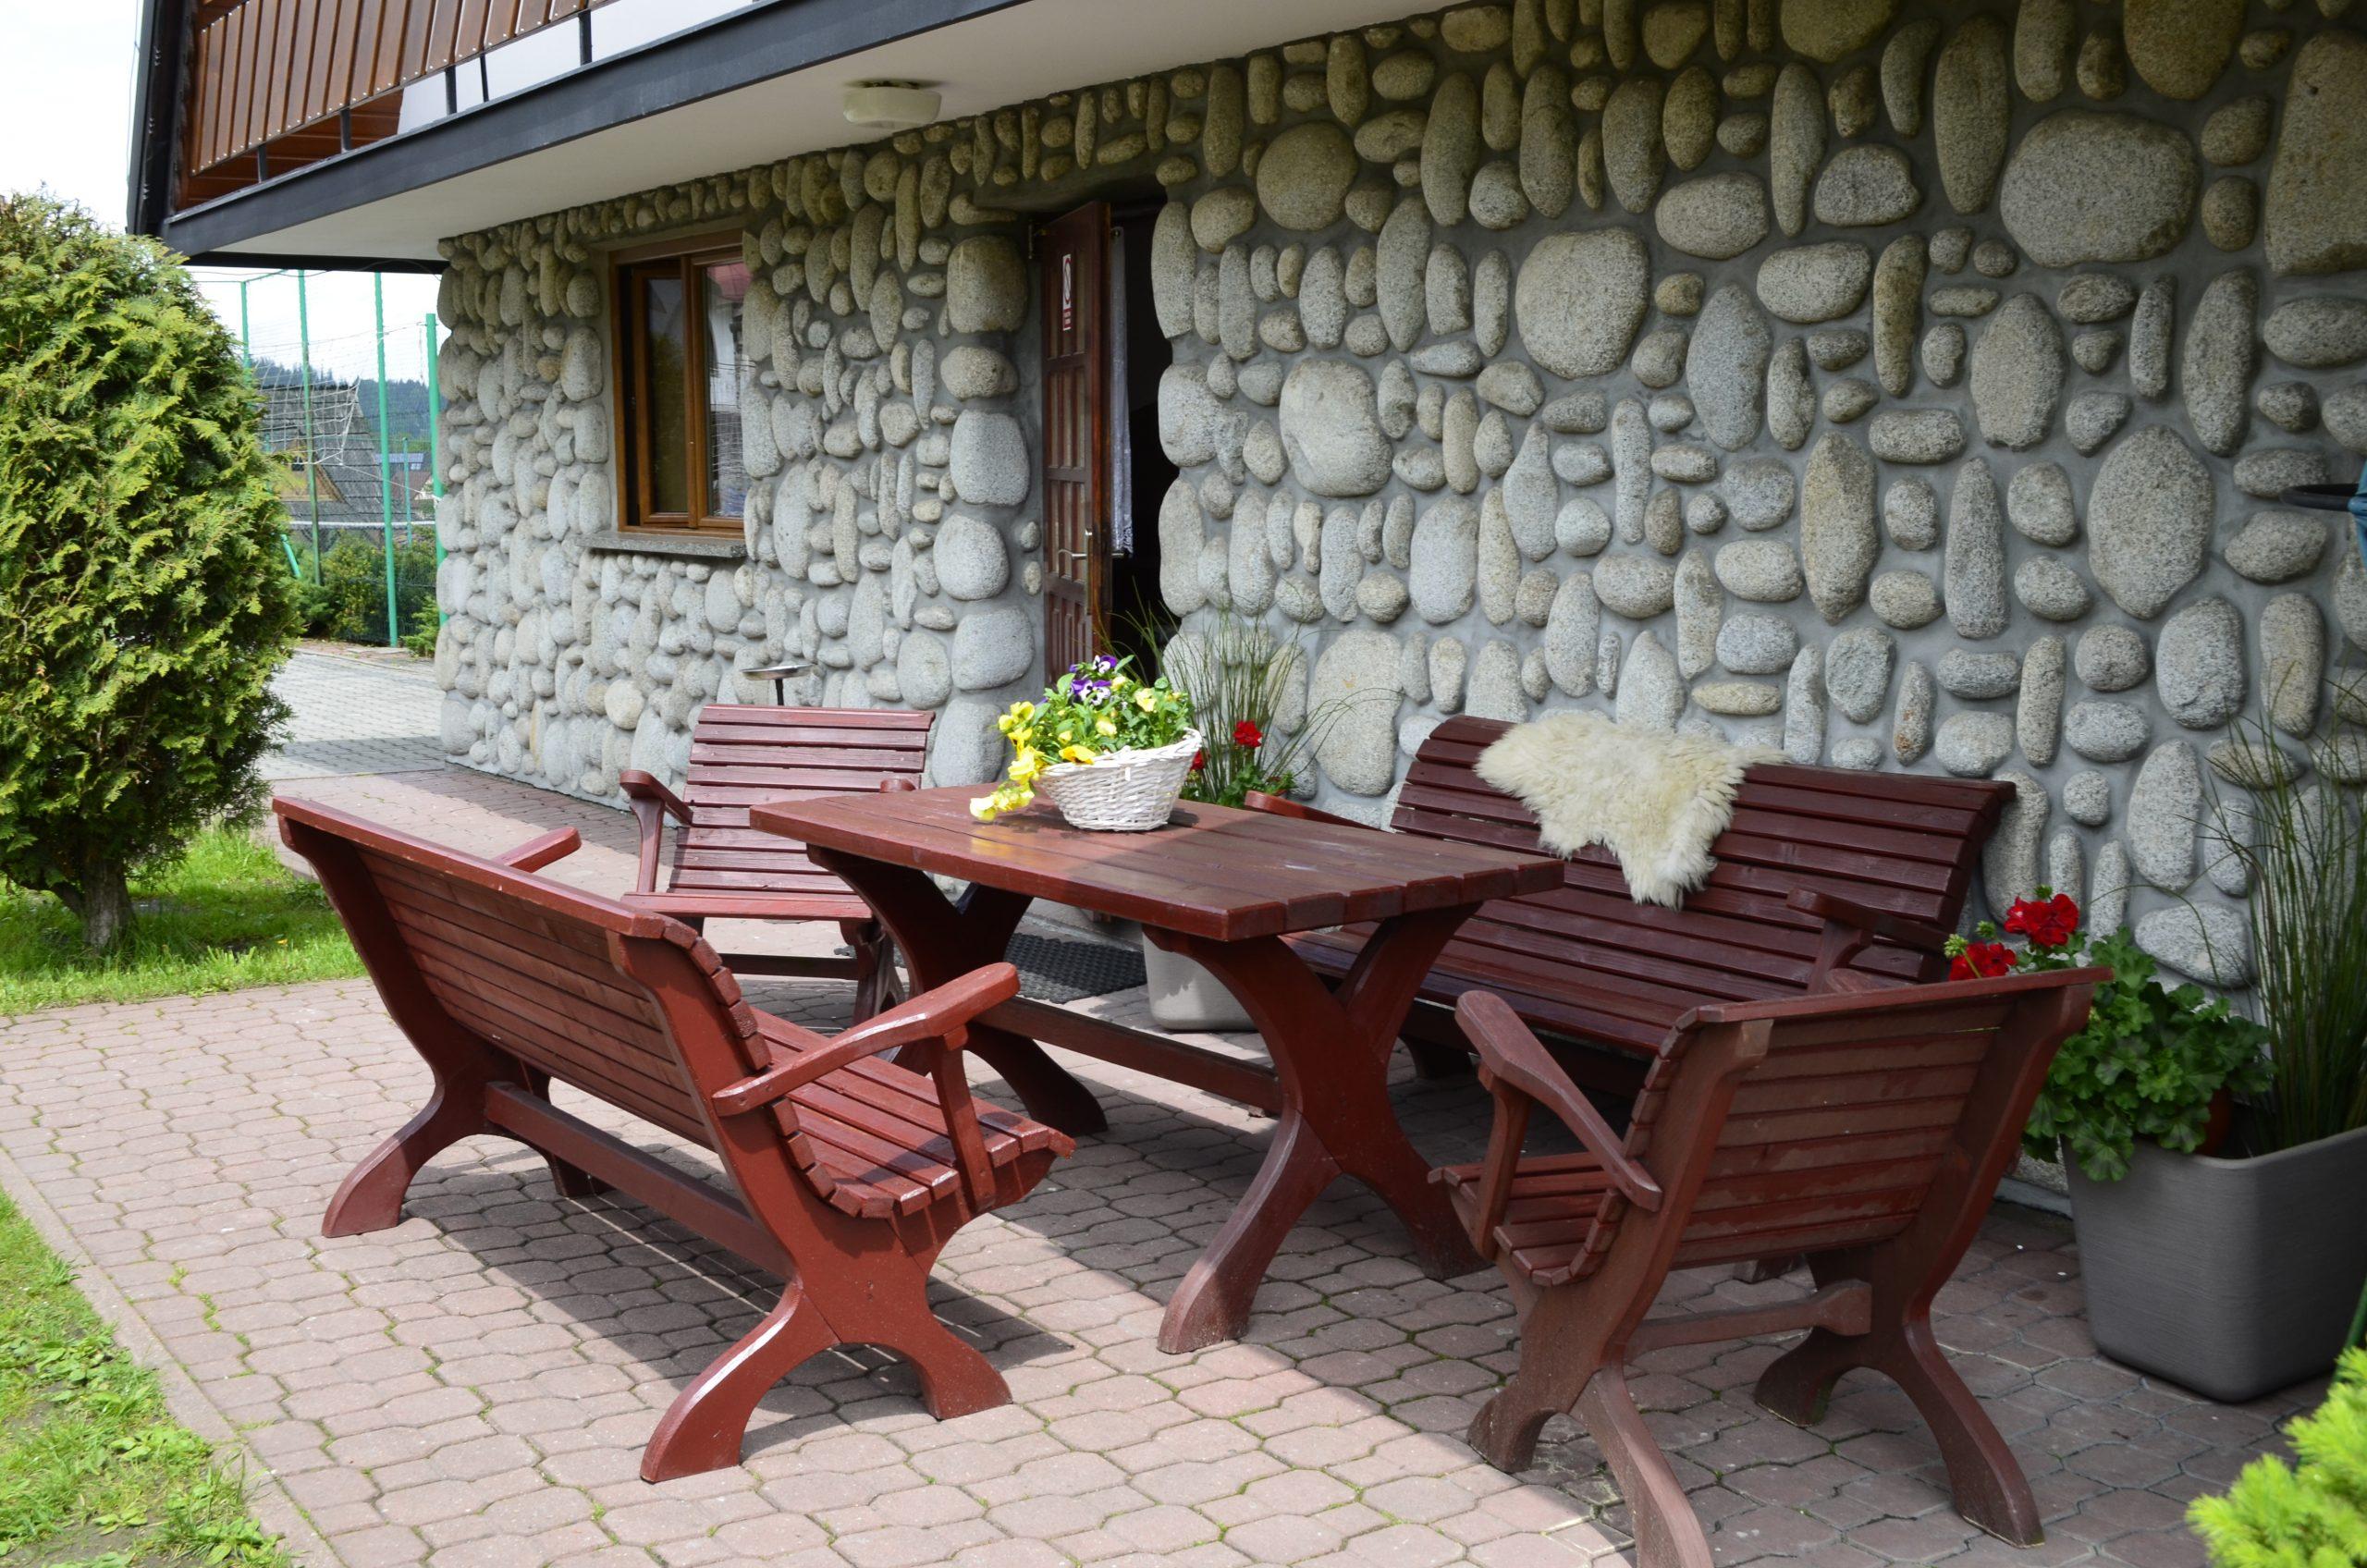 Willa-Siklawa-pobyt-rodzinny-miejsce-dla-dzieci-góry-basen-plac-zabaw